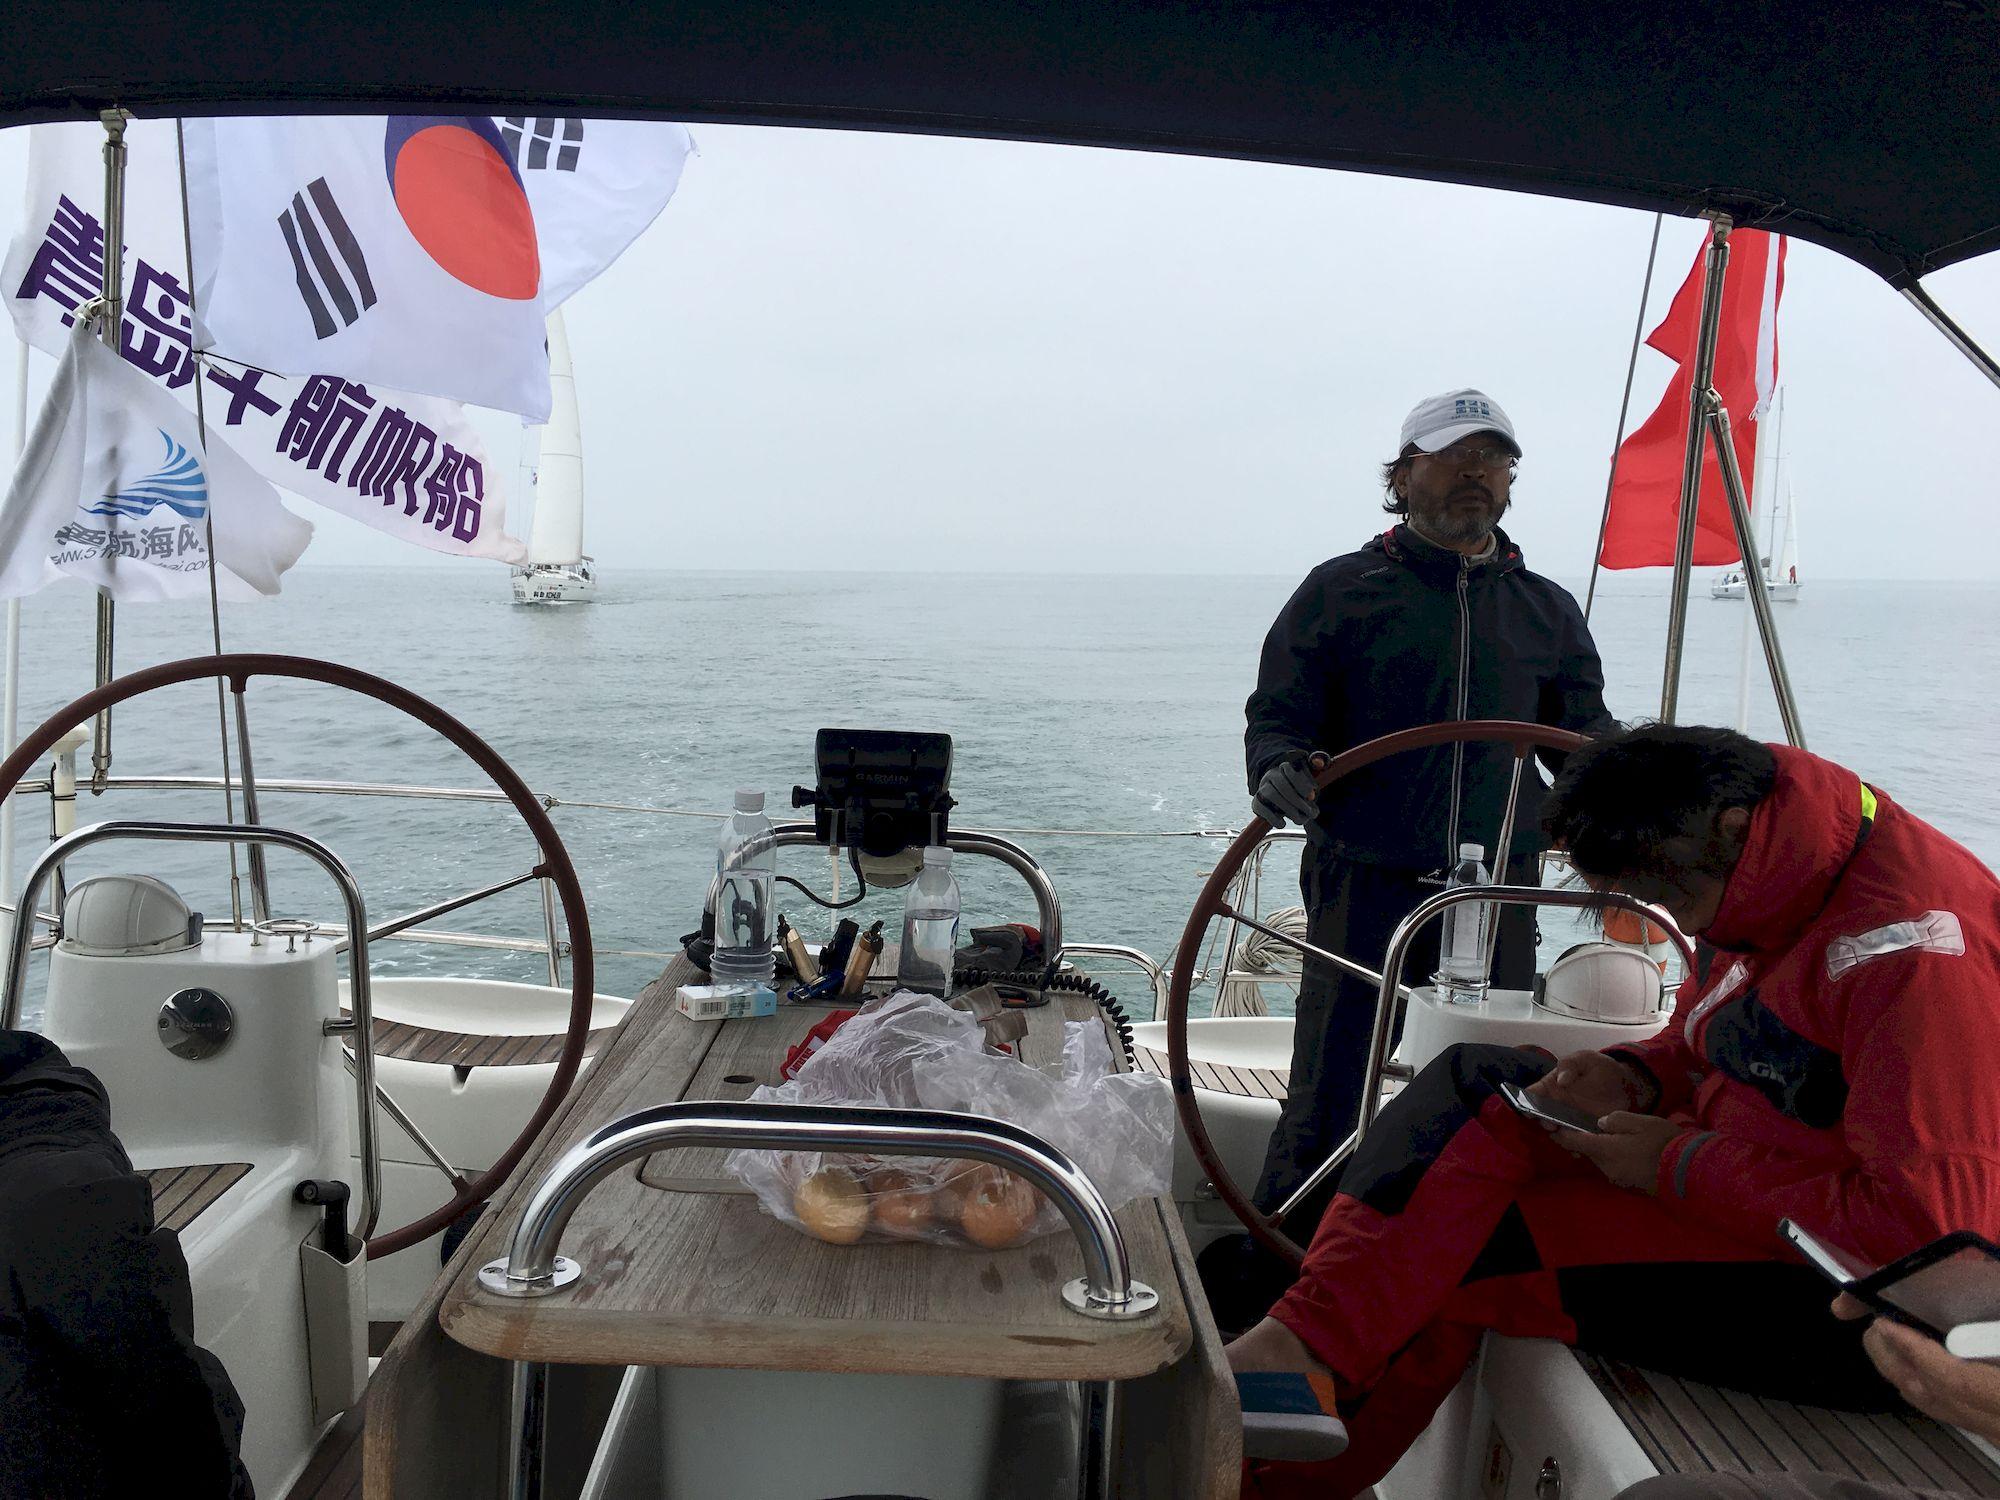 024-IMG_3104_千帆俱乐部我要航海网帆船队-2016威海-仁川国际帆船赛.JPG